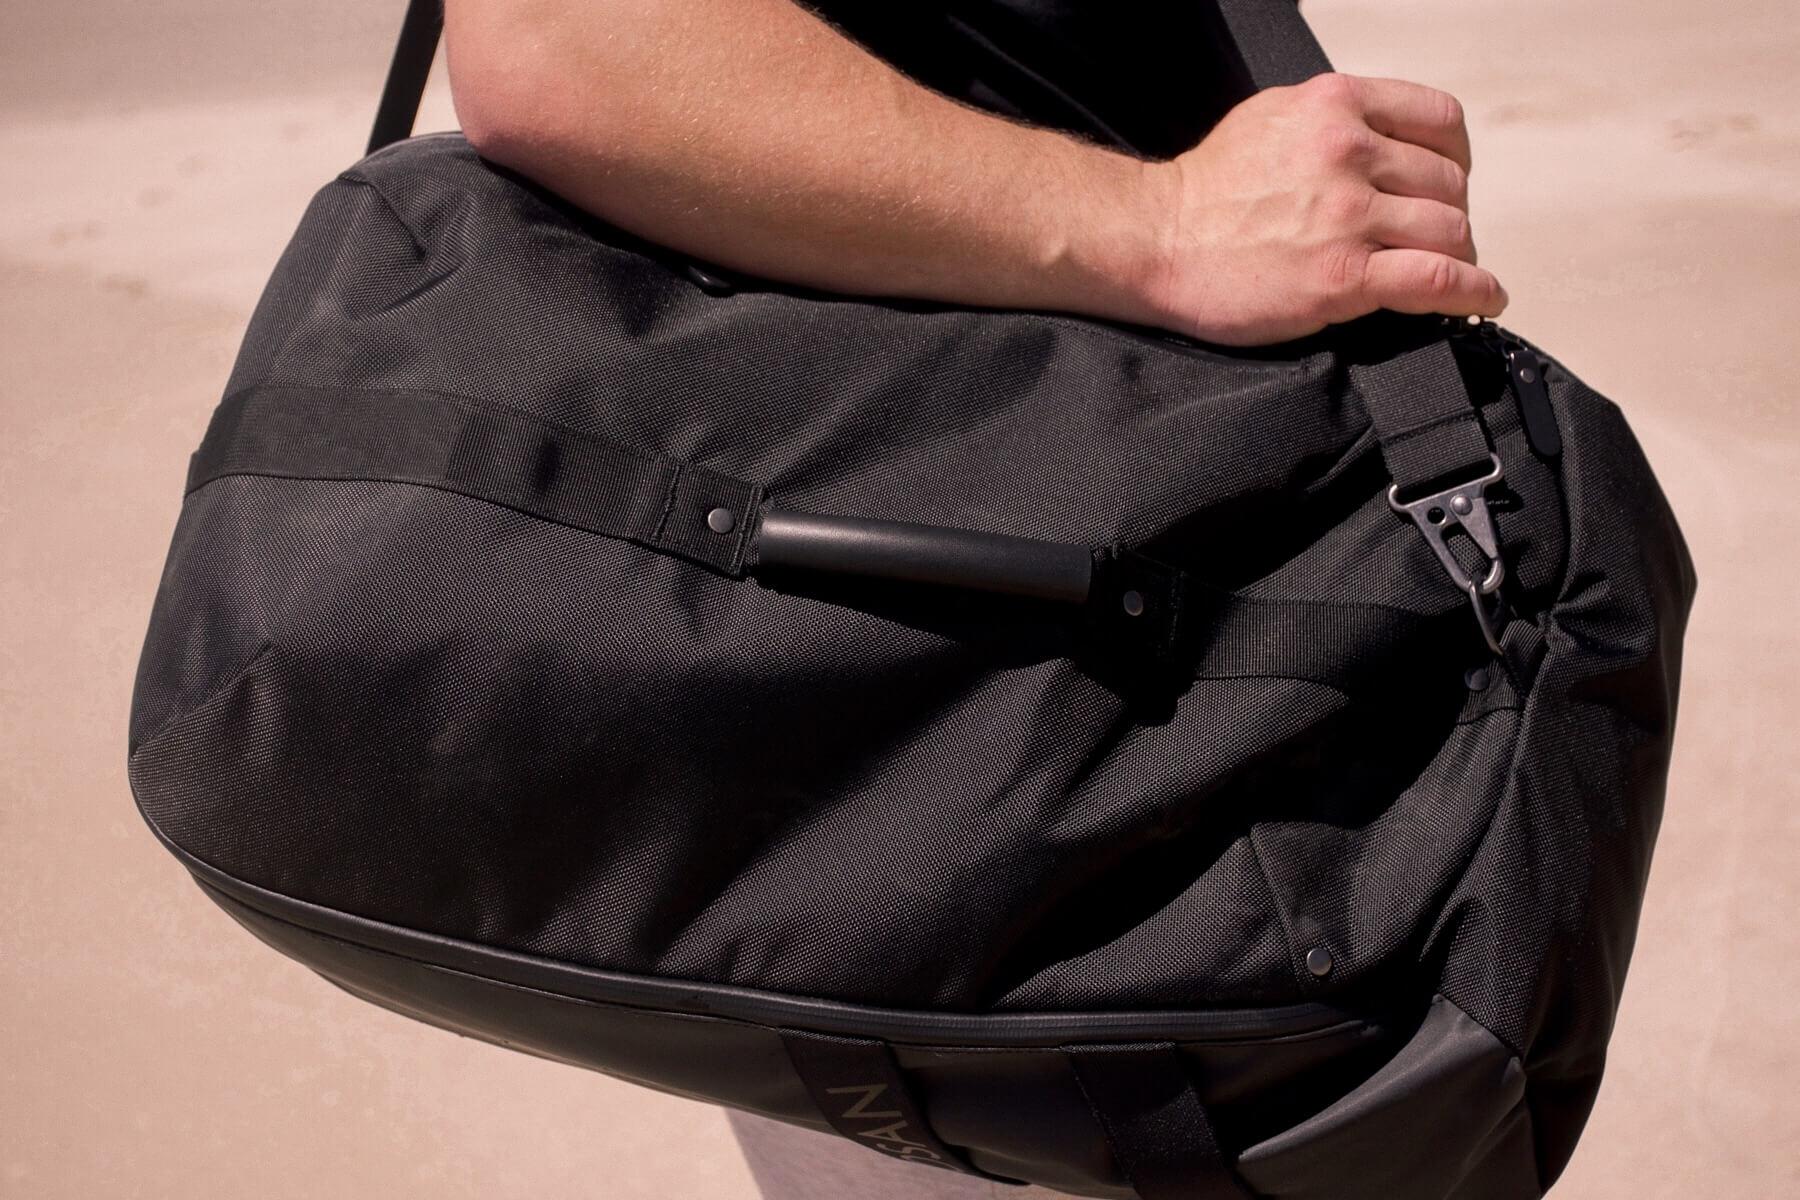 Close up of a man carrying a big black duffle bag over his shoulder